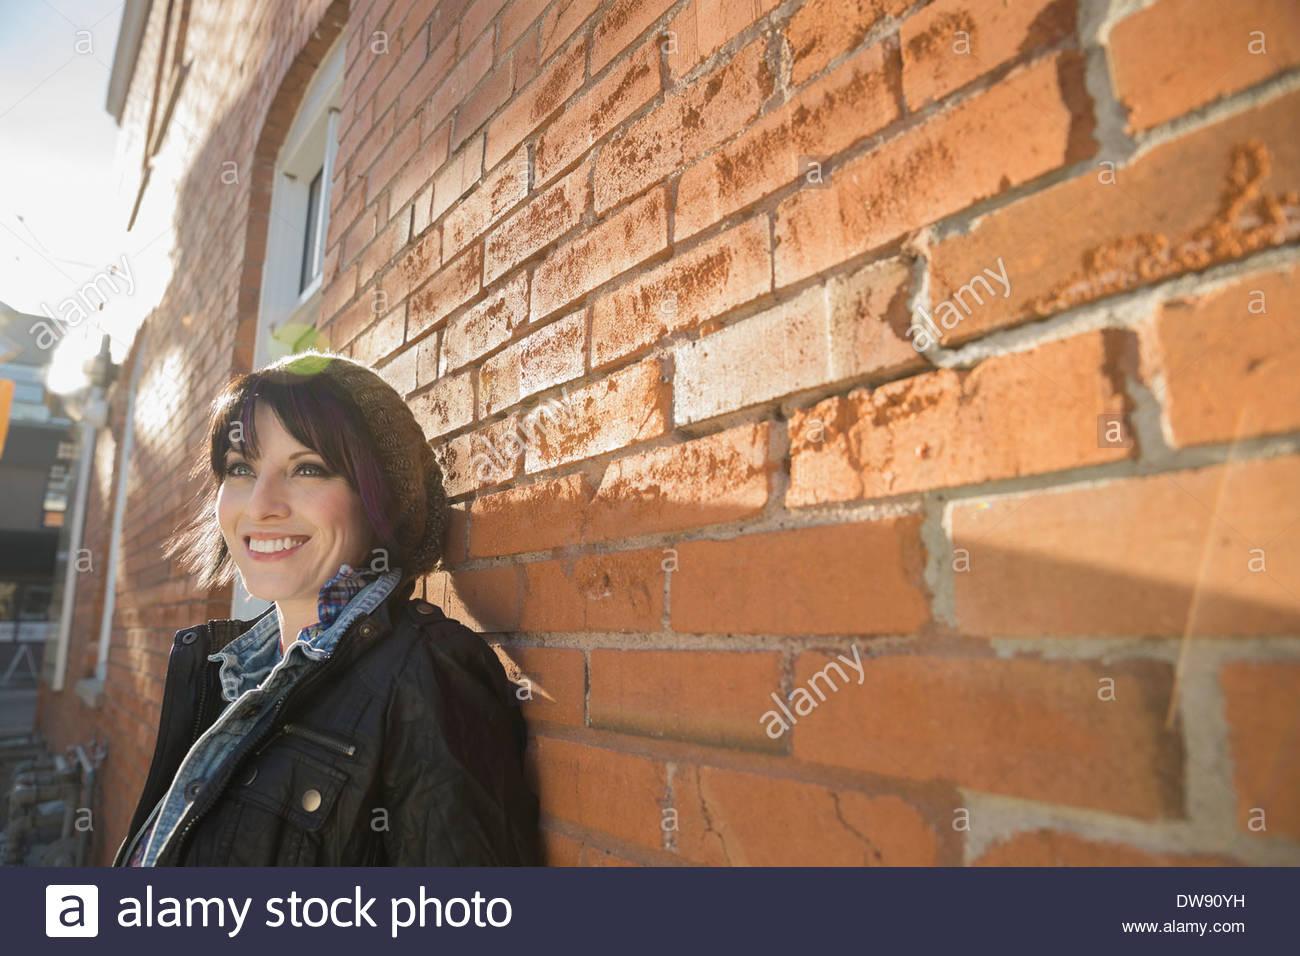 Mujer sonriente apoyado contra la pared de ladrillo Imagen De Stock